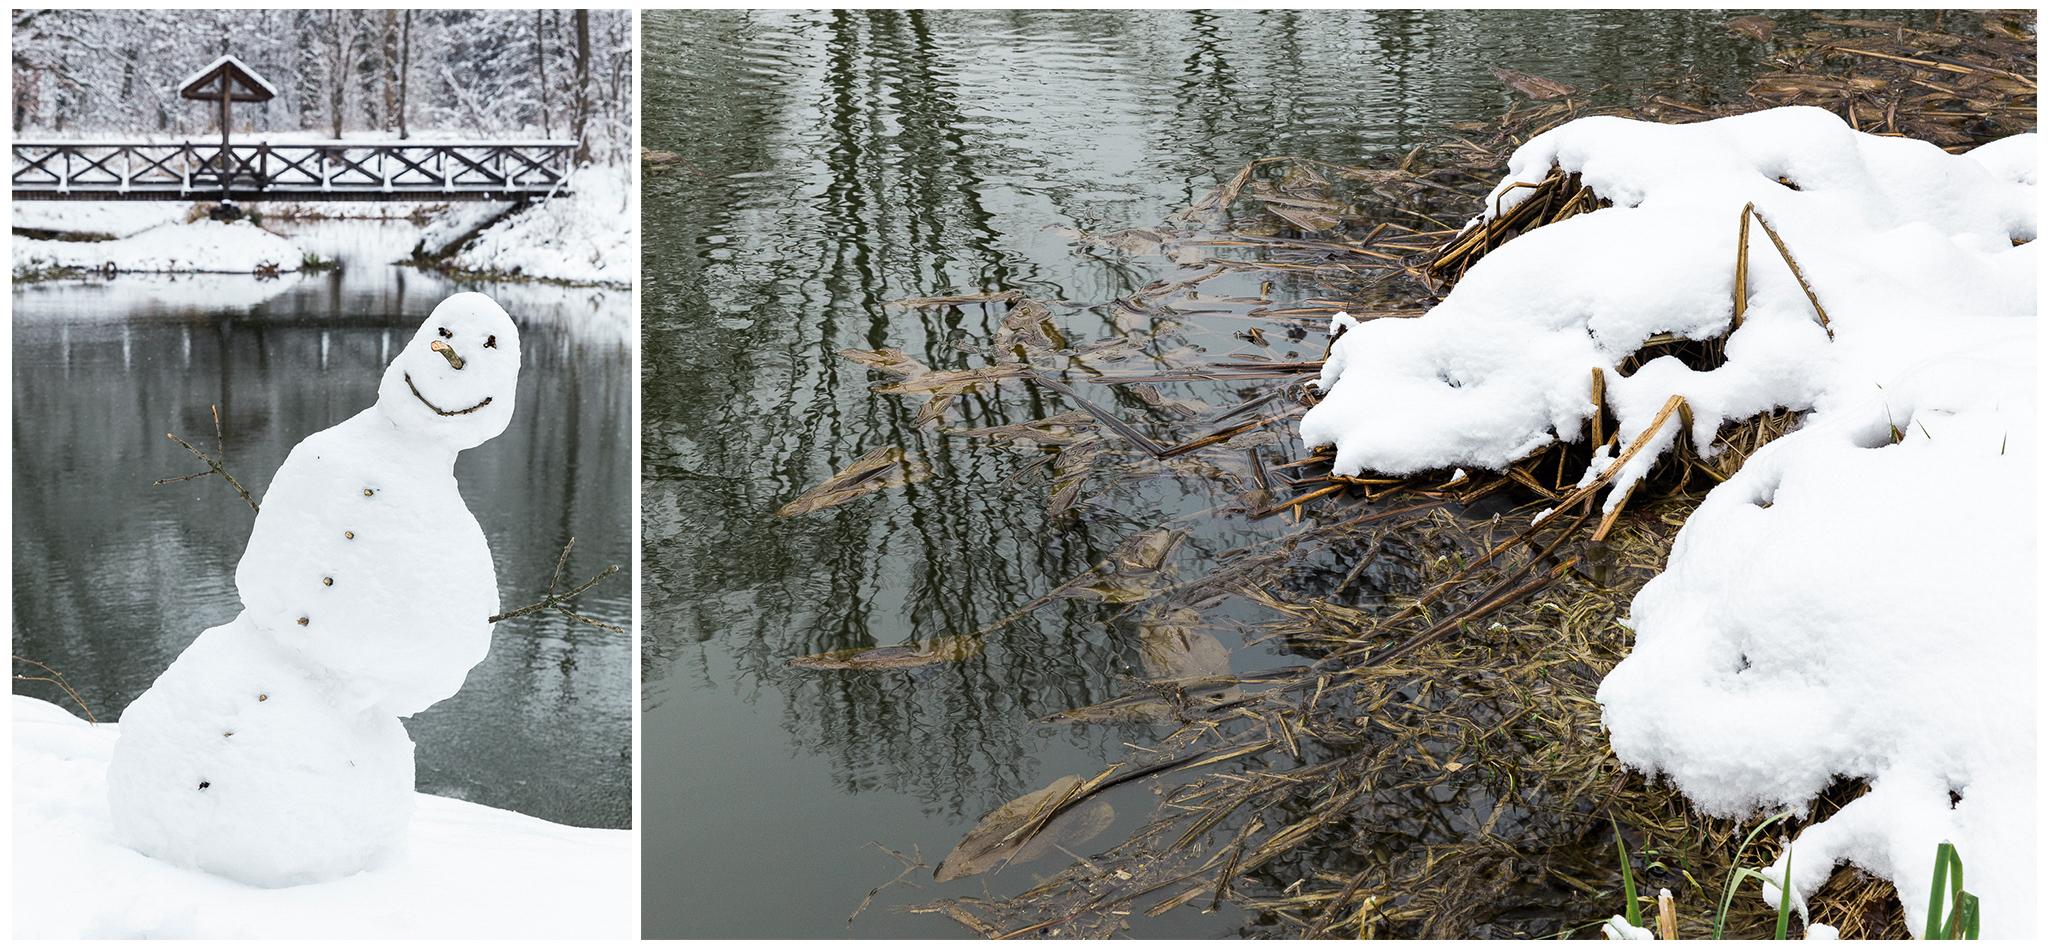 Körmend,Várkert,tél,2018,Fülöp Péter, fylepphoto, Vasmegye, Dunántúl_006.jpg